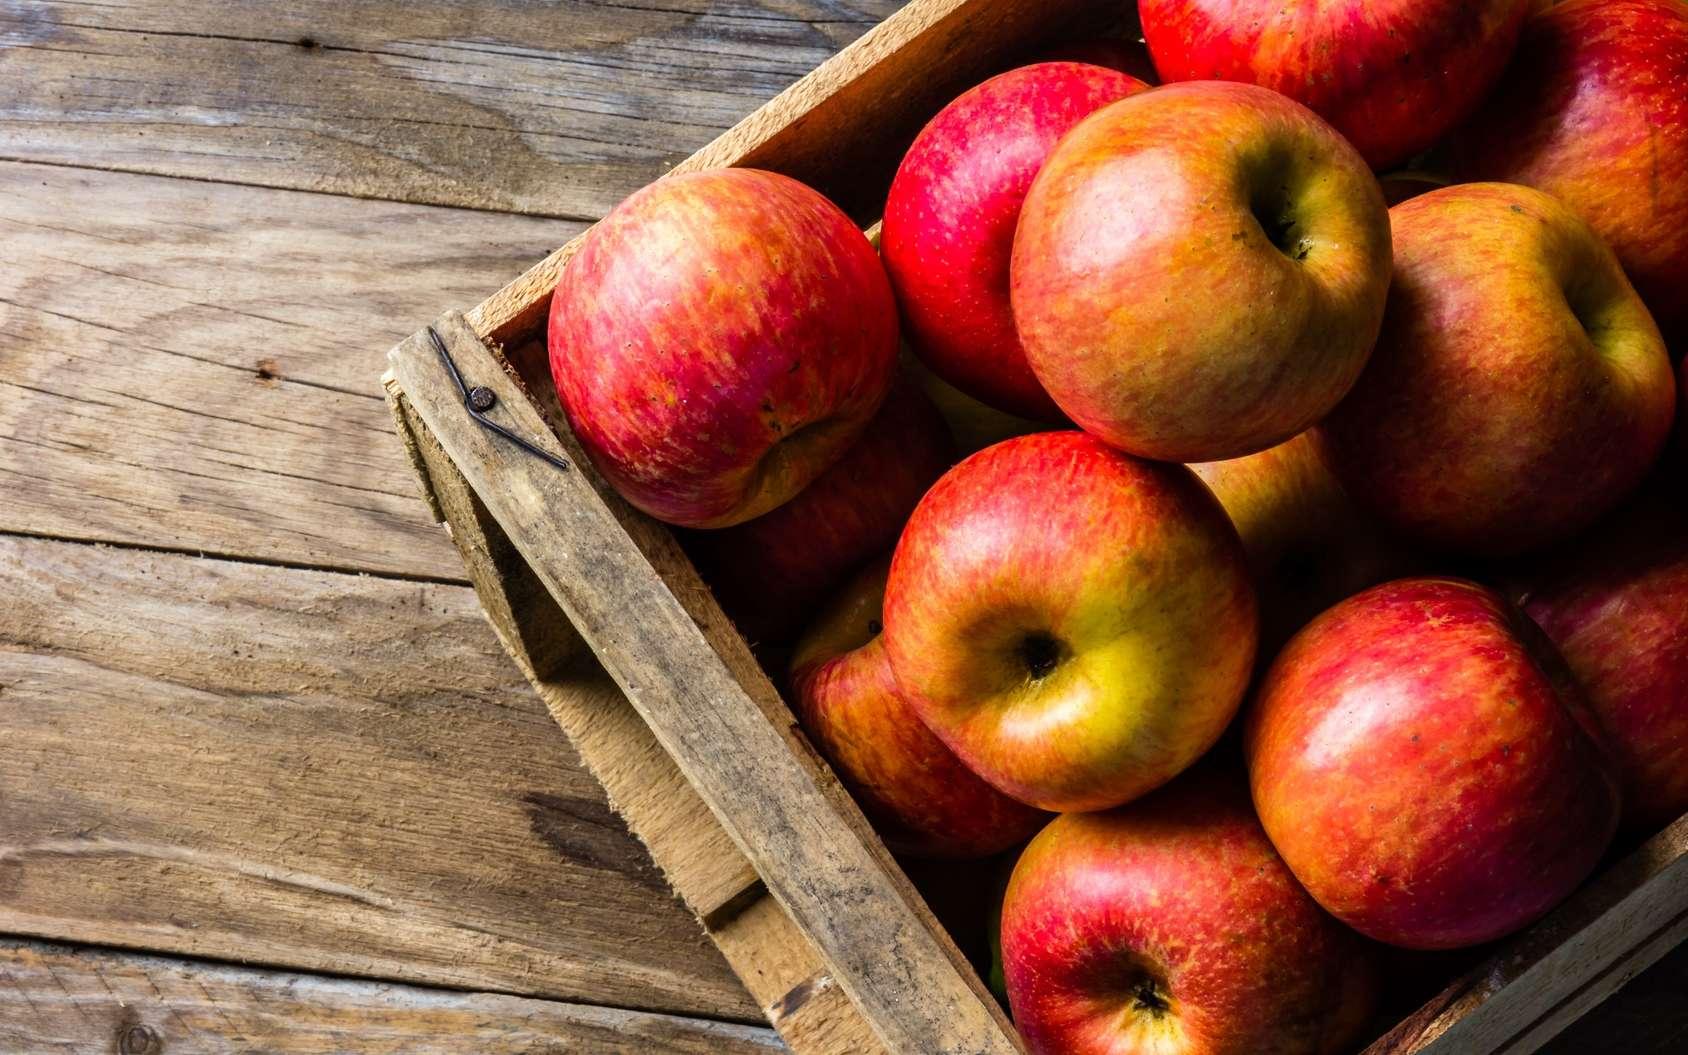 L'automne est la saison à laquelle on récolte les pommes. © lblinova, Fotolia